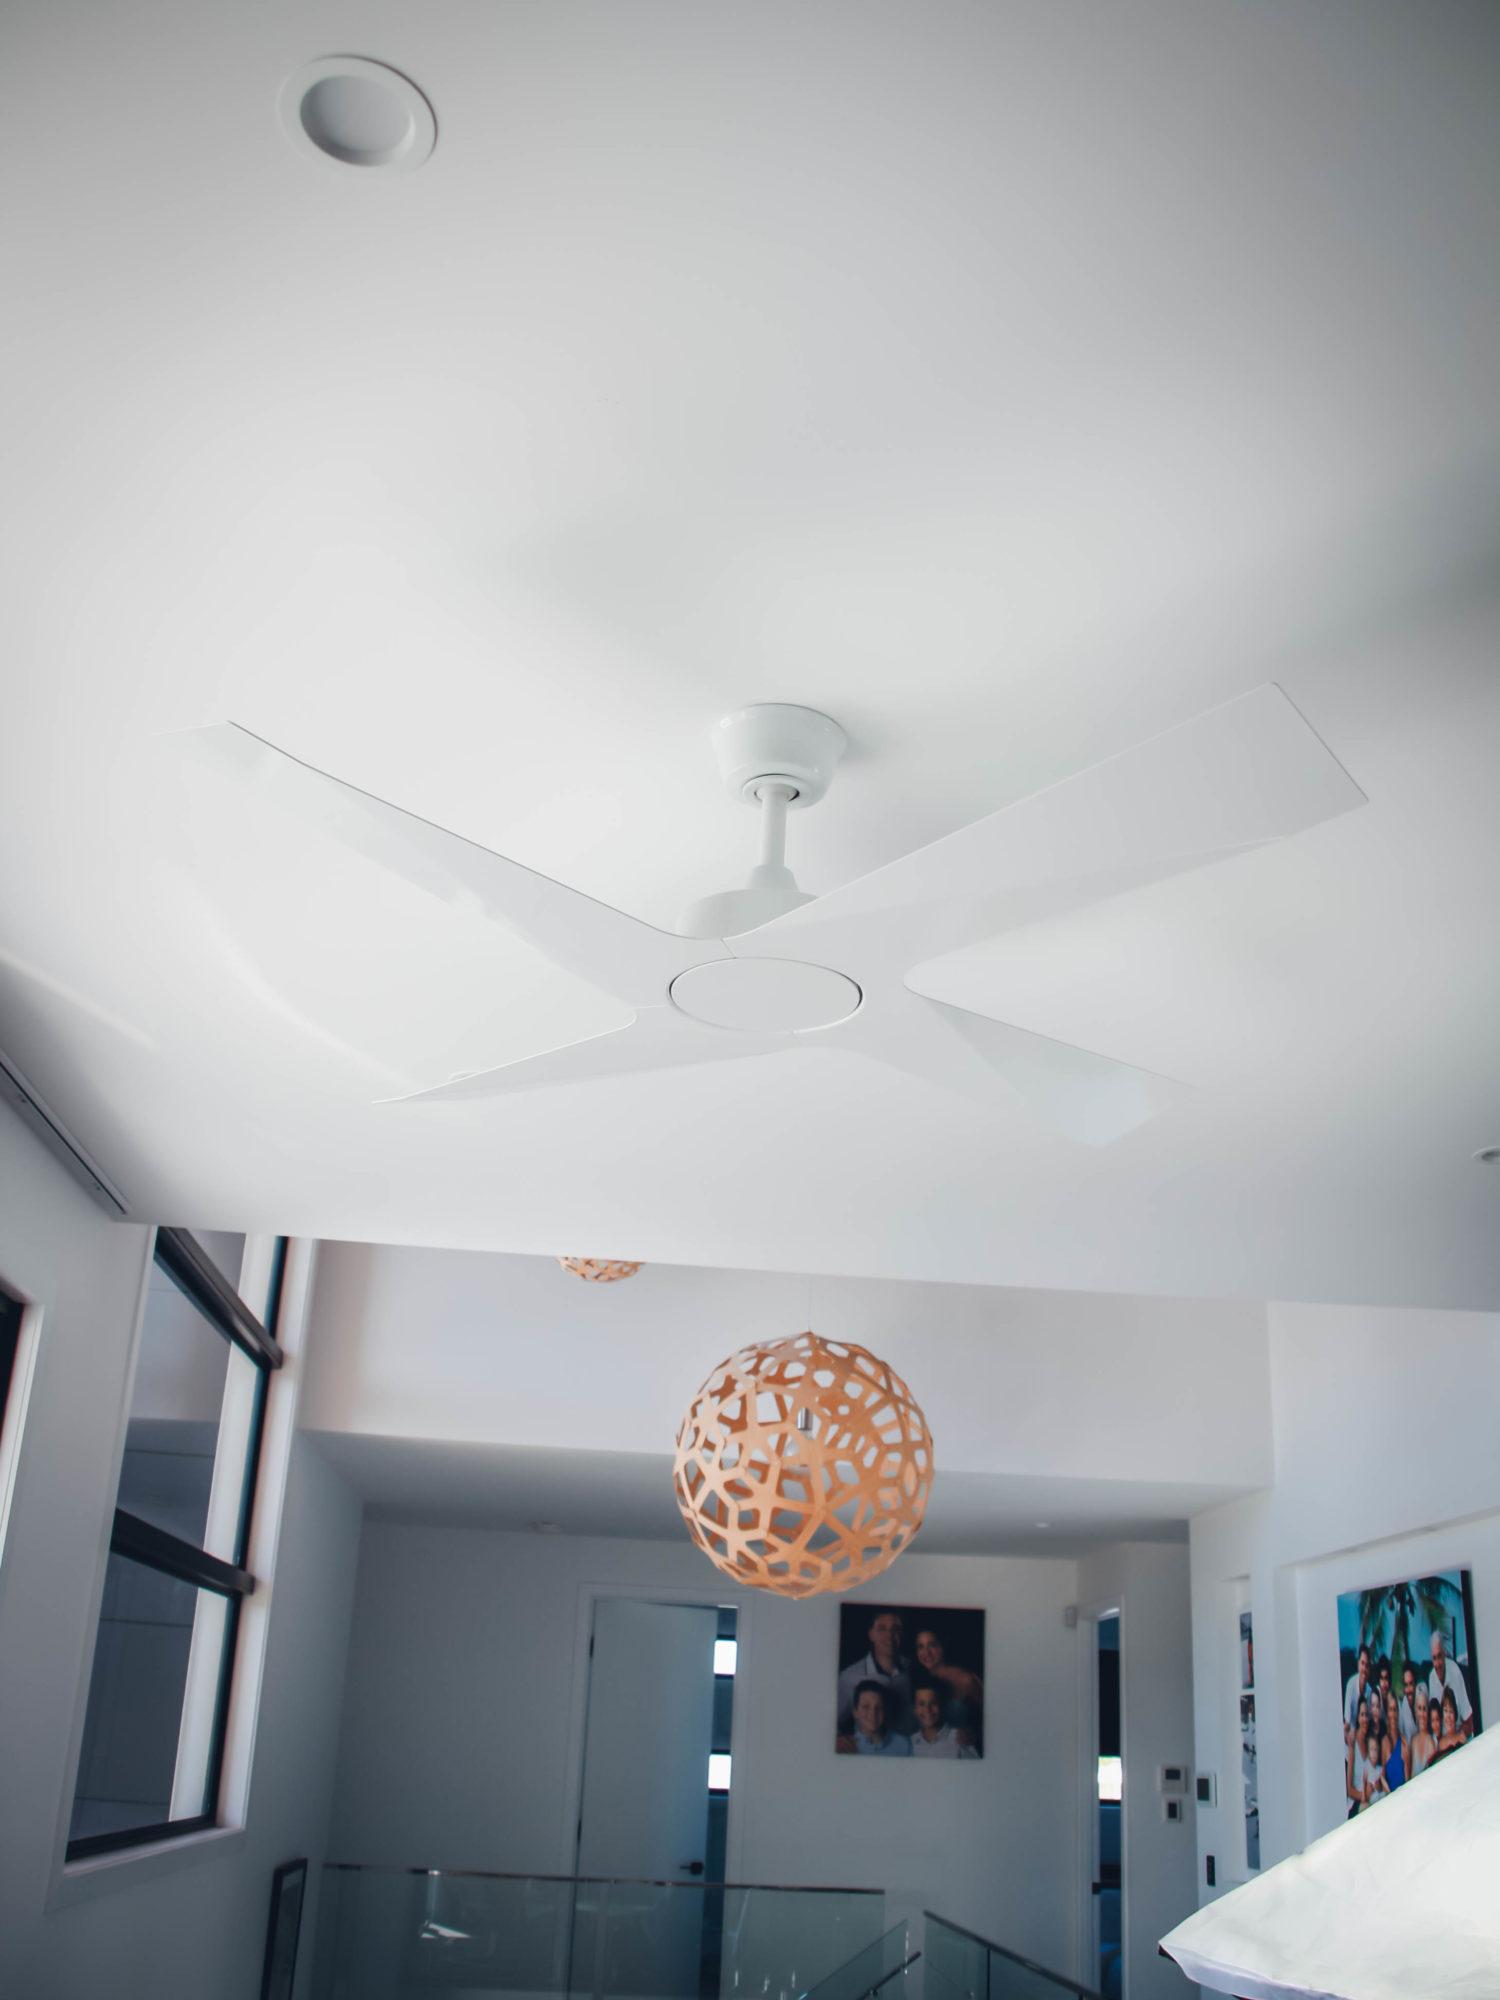 Modn 4 Ceiling Fan 42